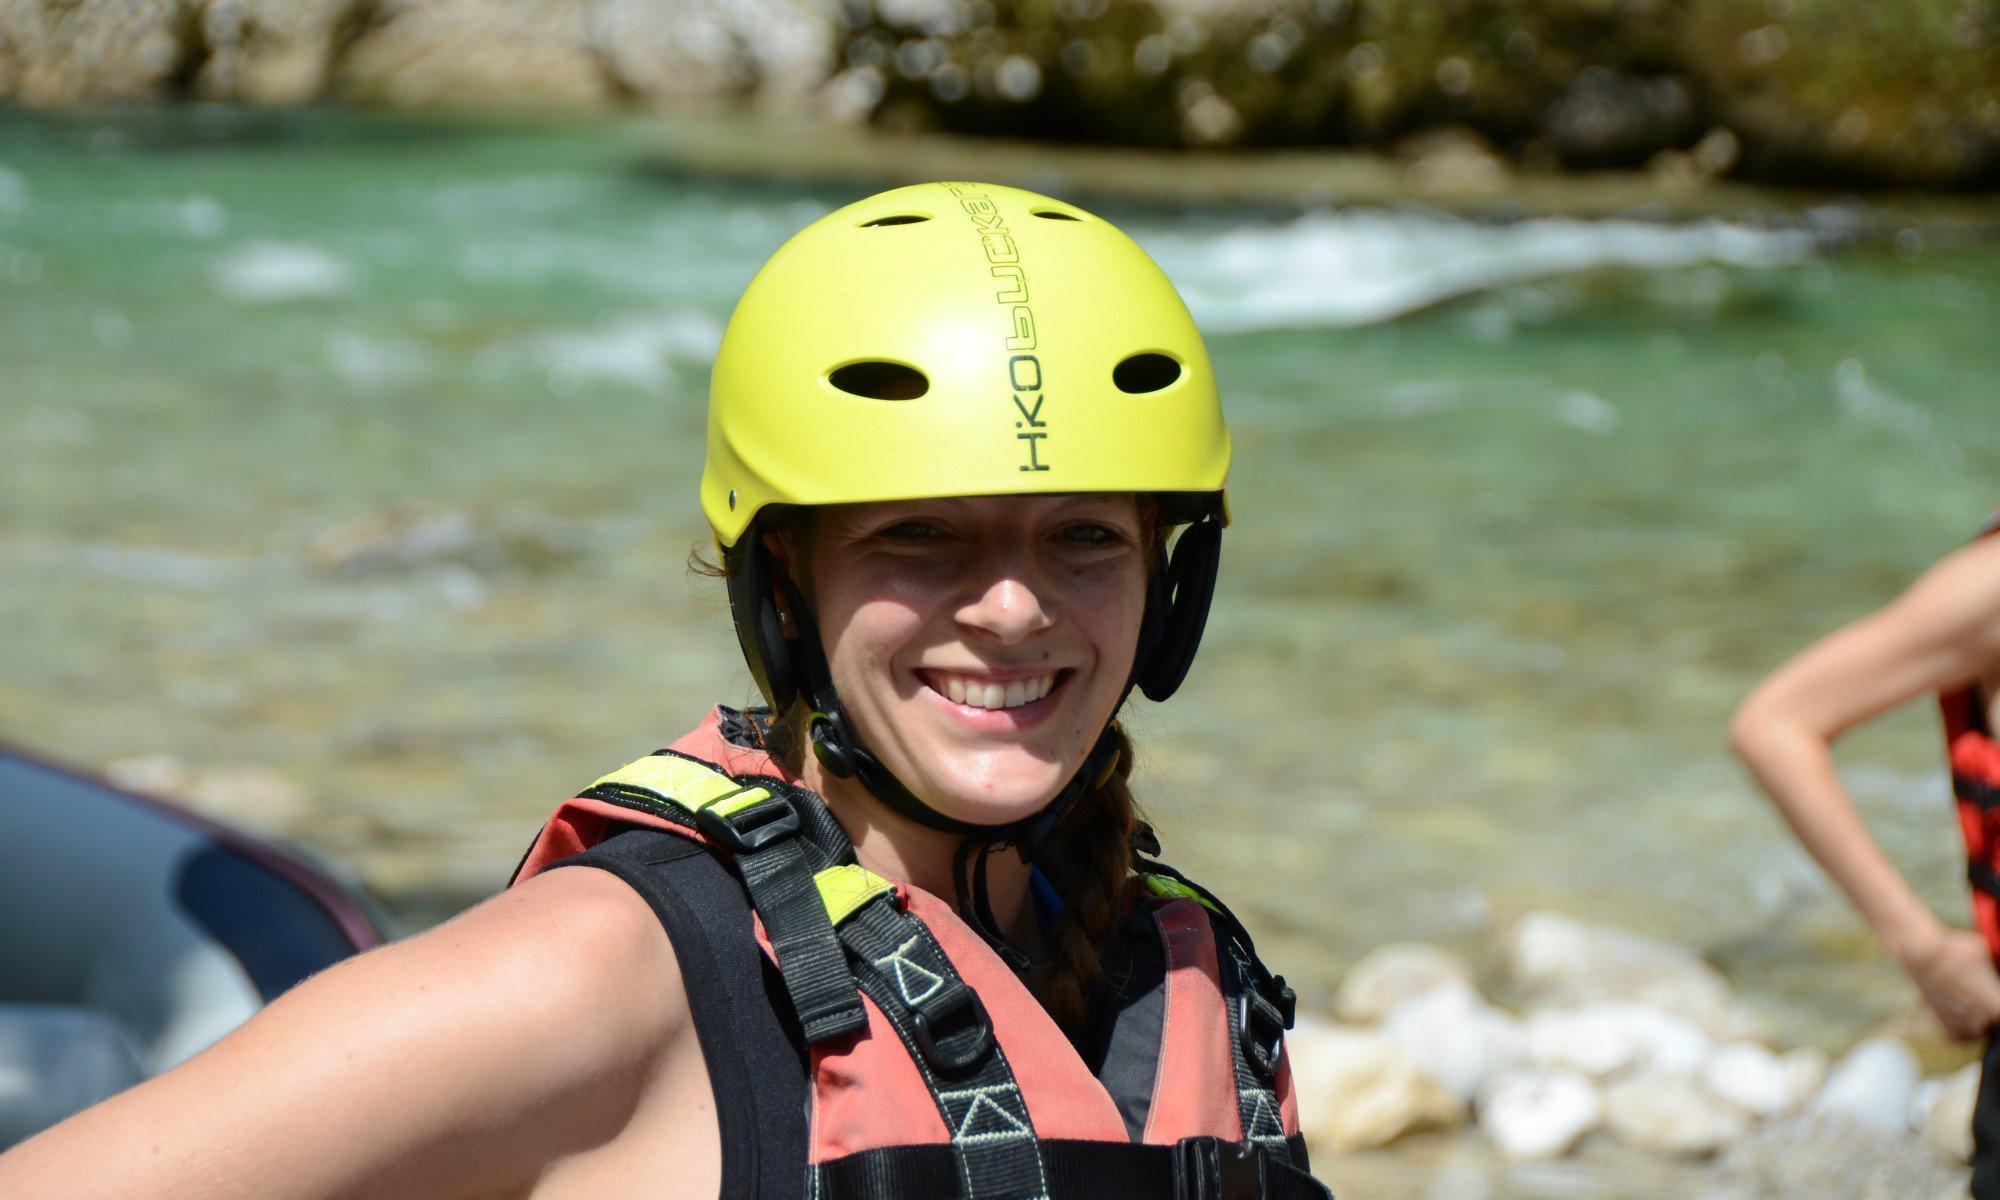 Eine Rafterin in Schwimmweste und mit Helm wartet auf ihre erste Rafting Tour.